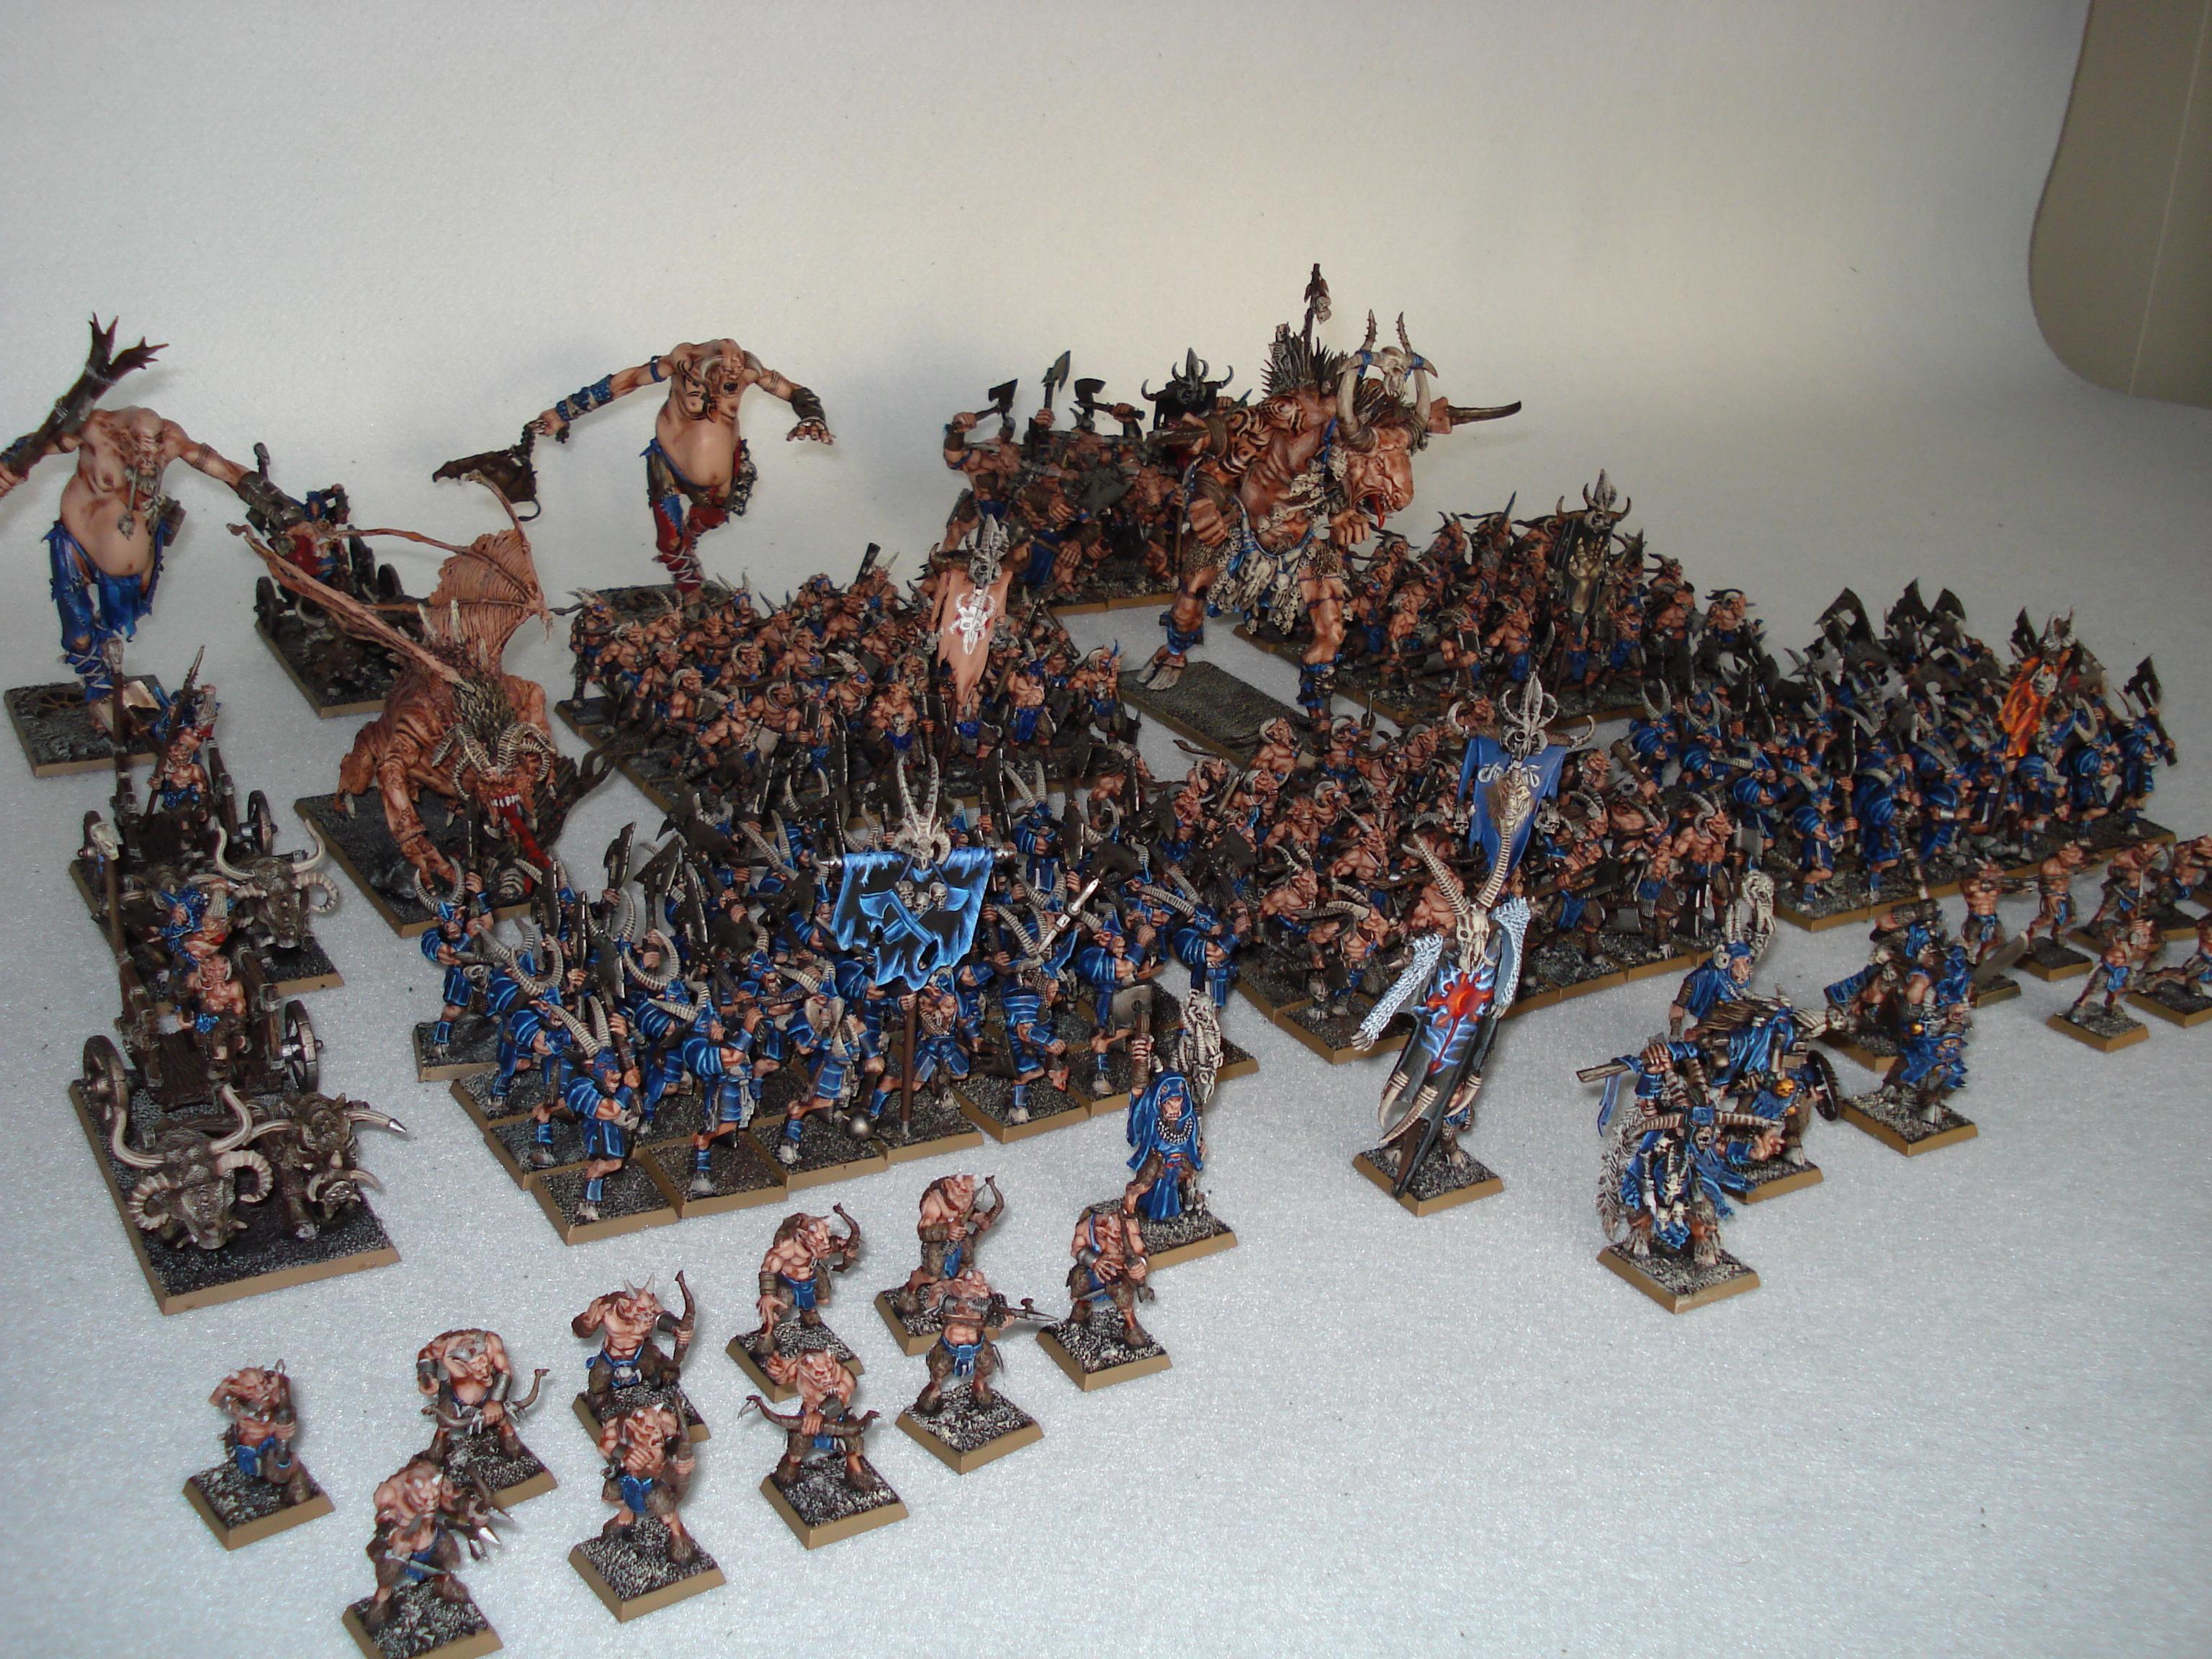 Army, Beastmen, Bestigors, Chariot, Complete, Ghorgon, Giant, Gors, Jabberslythe, Malagor, Raiders, Shaman, Standard Bearer, Tuskgor